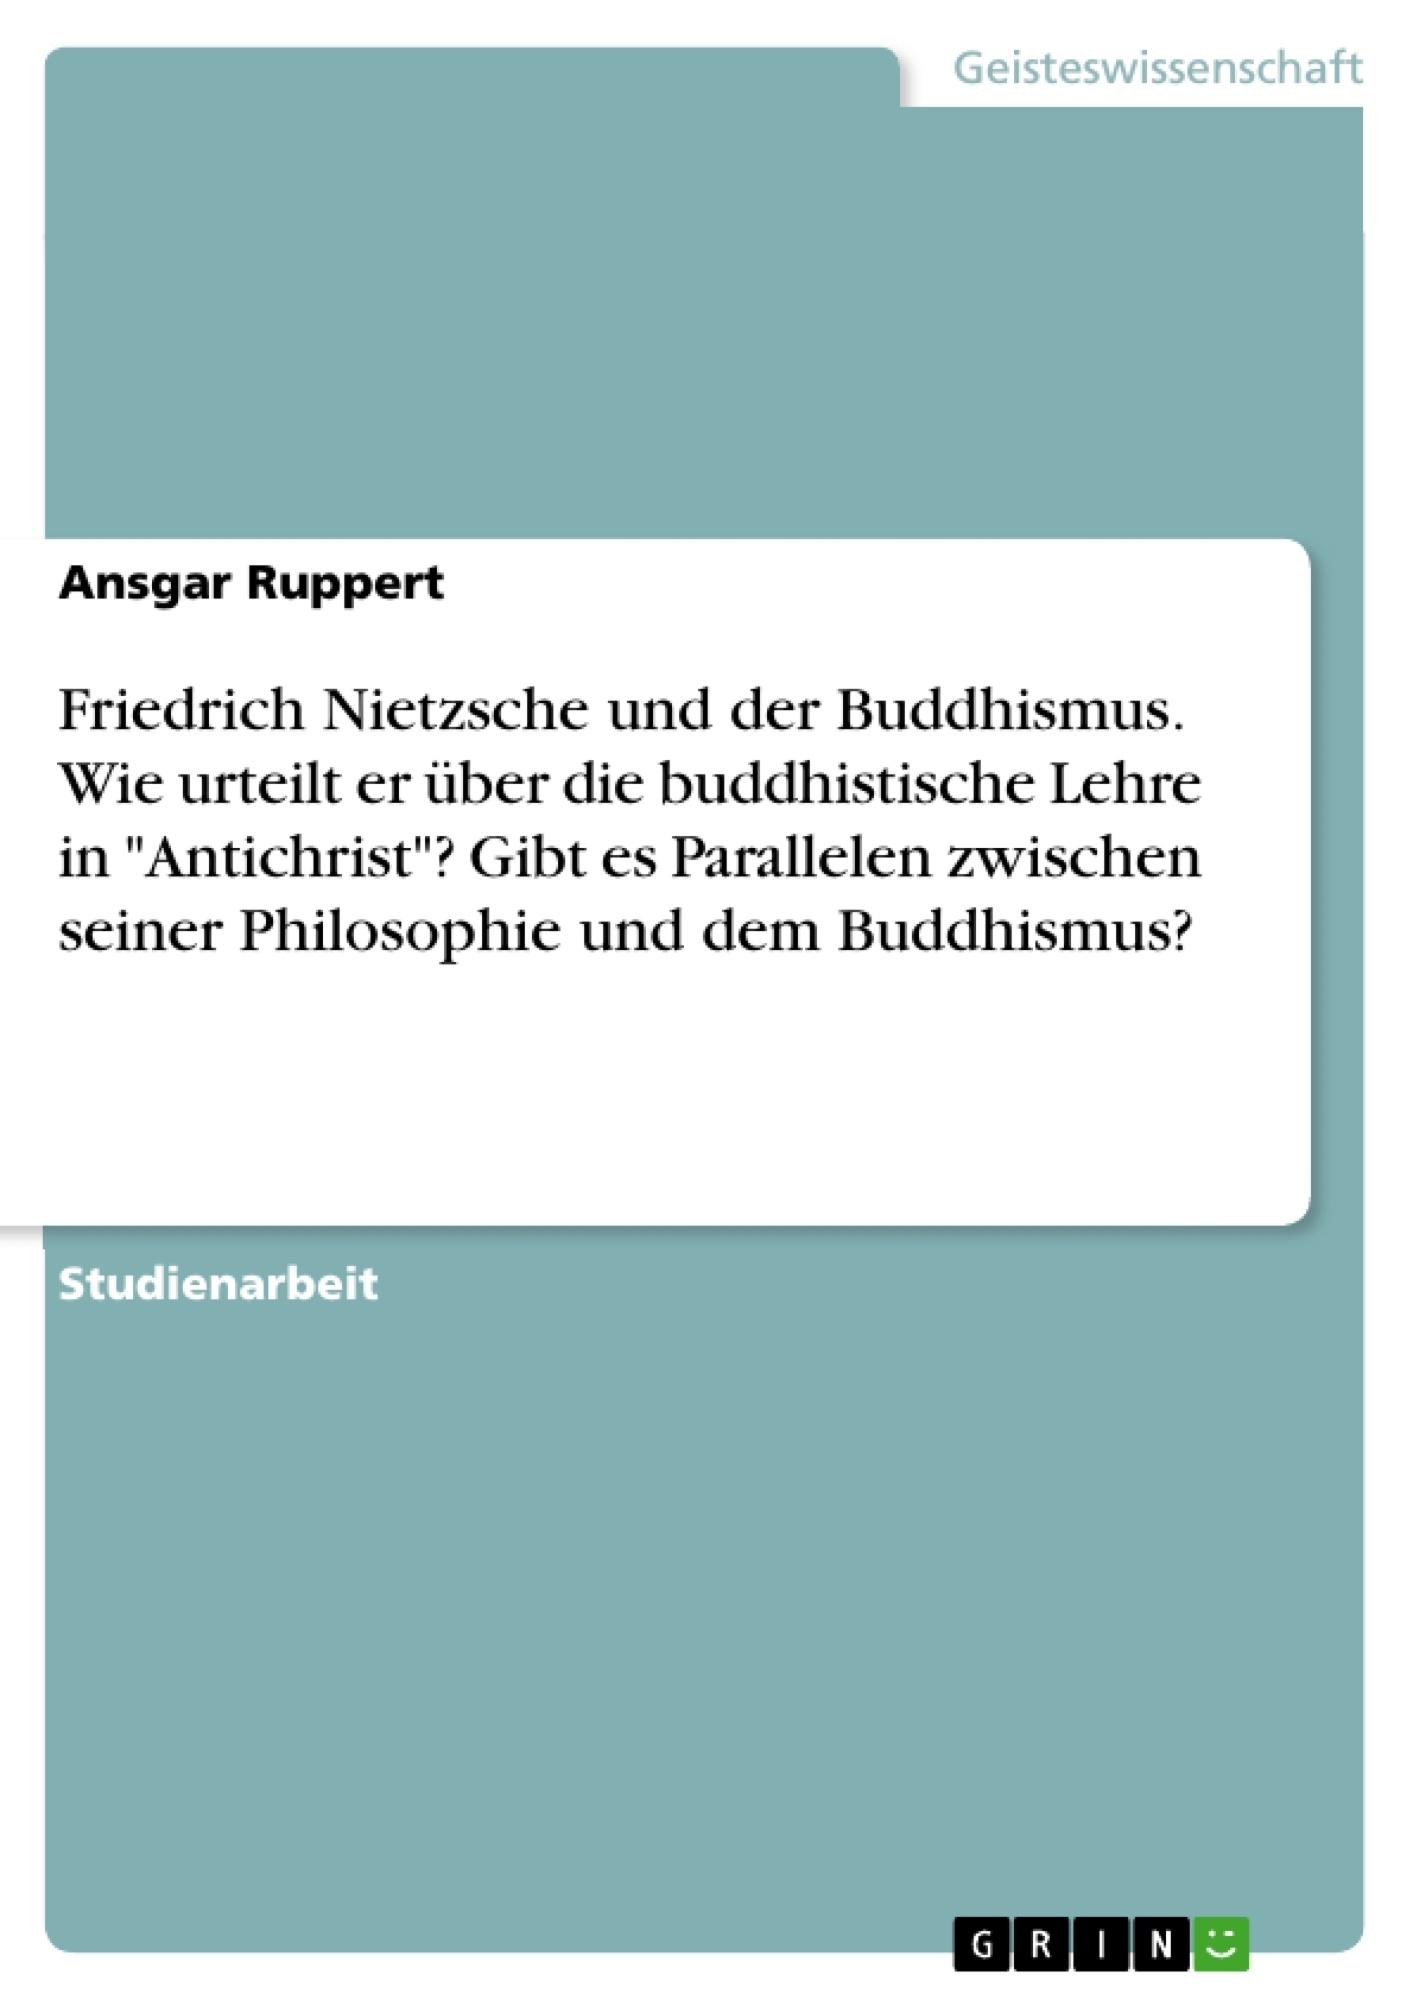 """Titel: Friedrich Nietzsche und der Buddhismus. Wie urteilt er über die buddhistische Lehre in """"Antichrist""""? Gibt es Parallelen zwischen seiner Philosophie und dem Buddhismus?"""